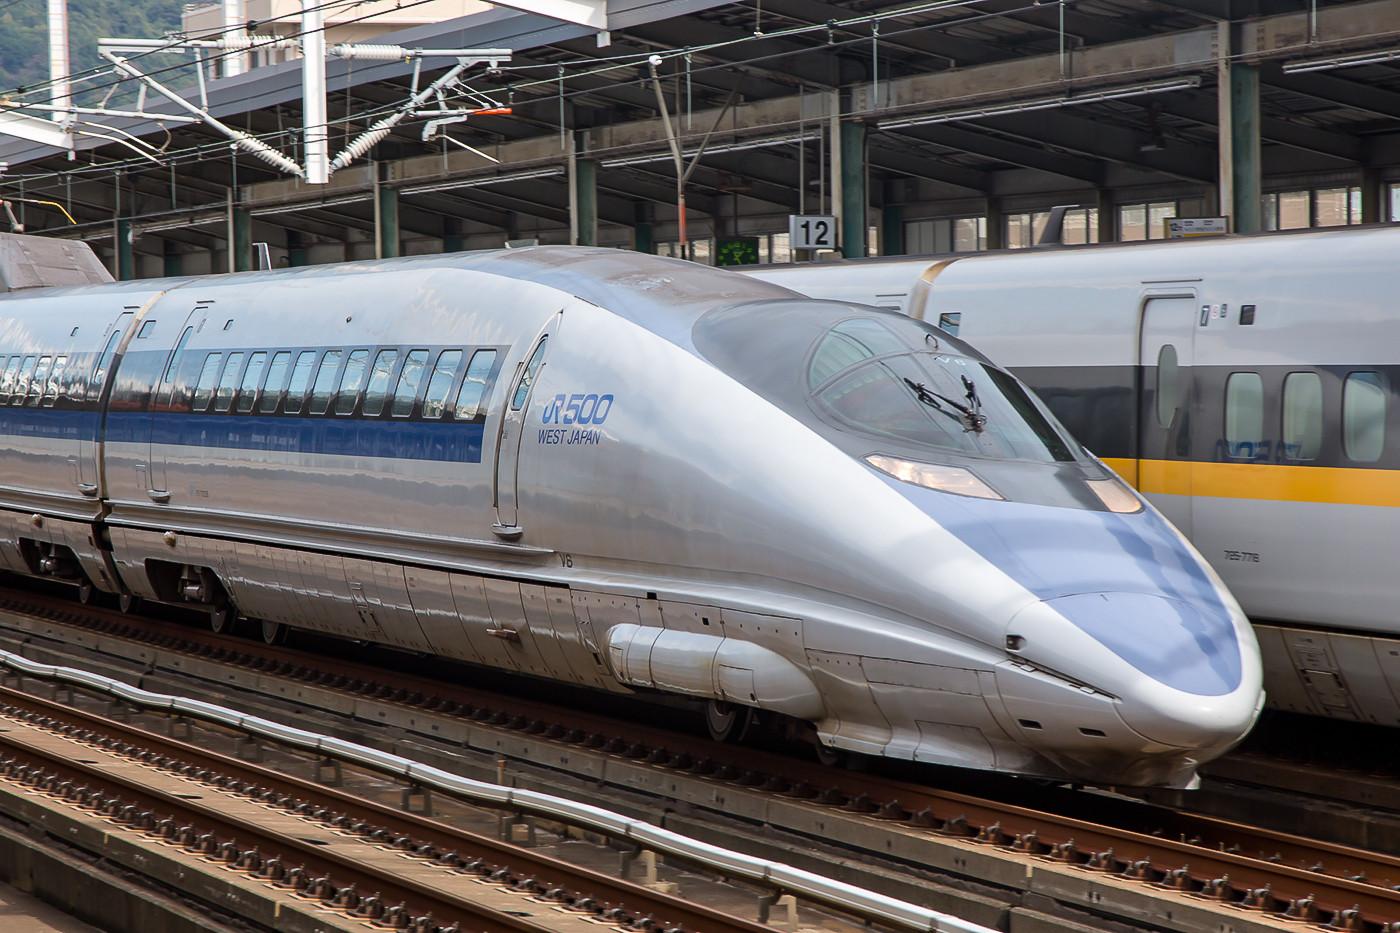 Der von aussen wohl schönste Zugtyp ist die Serie 500 der JR West. Leider gibt´s nur 8 Einheiten davon und er ist auf Grund seiner Enge bei Fahrgästen eher unbeliebt.